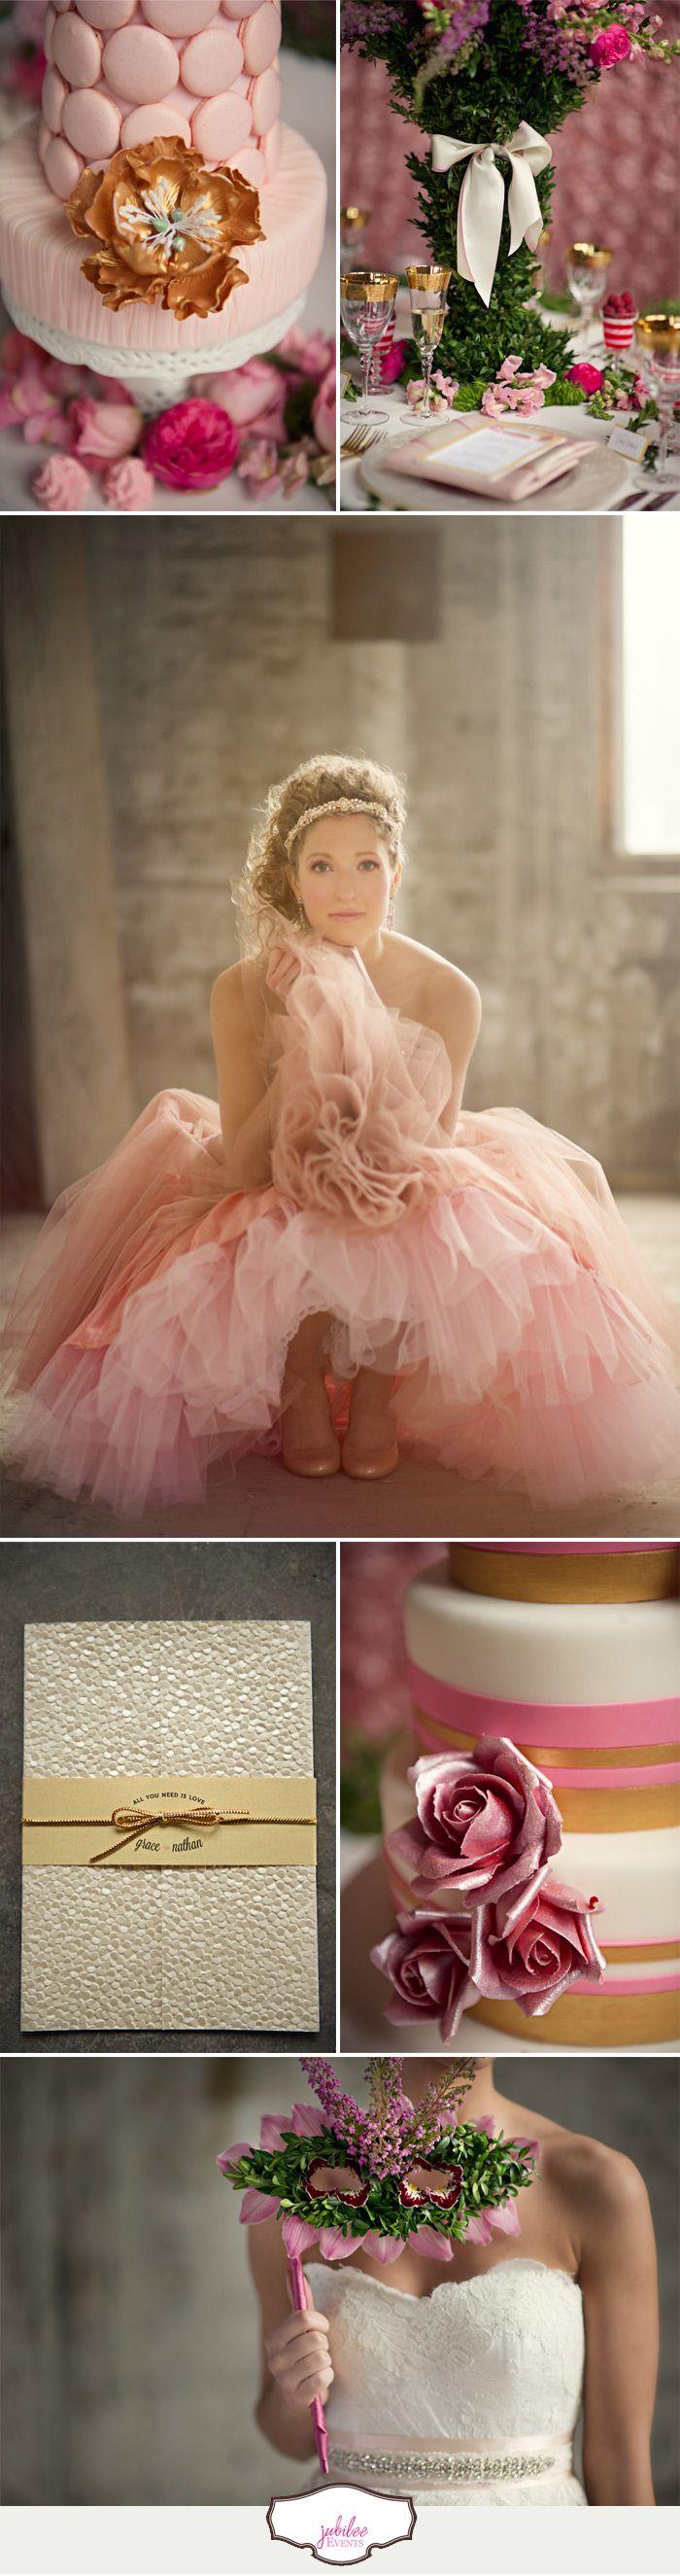 Quinceañera, dorado y rosa como gama de colores. #bodascasablanca Salon de Eventos #Casa Blanca #MomentosMemorables